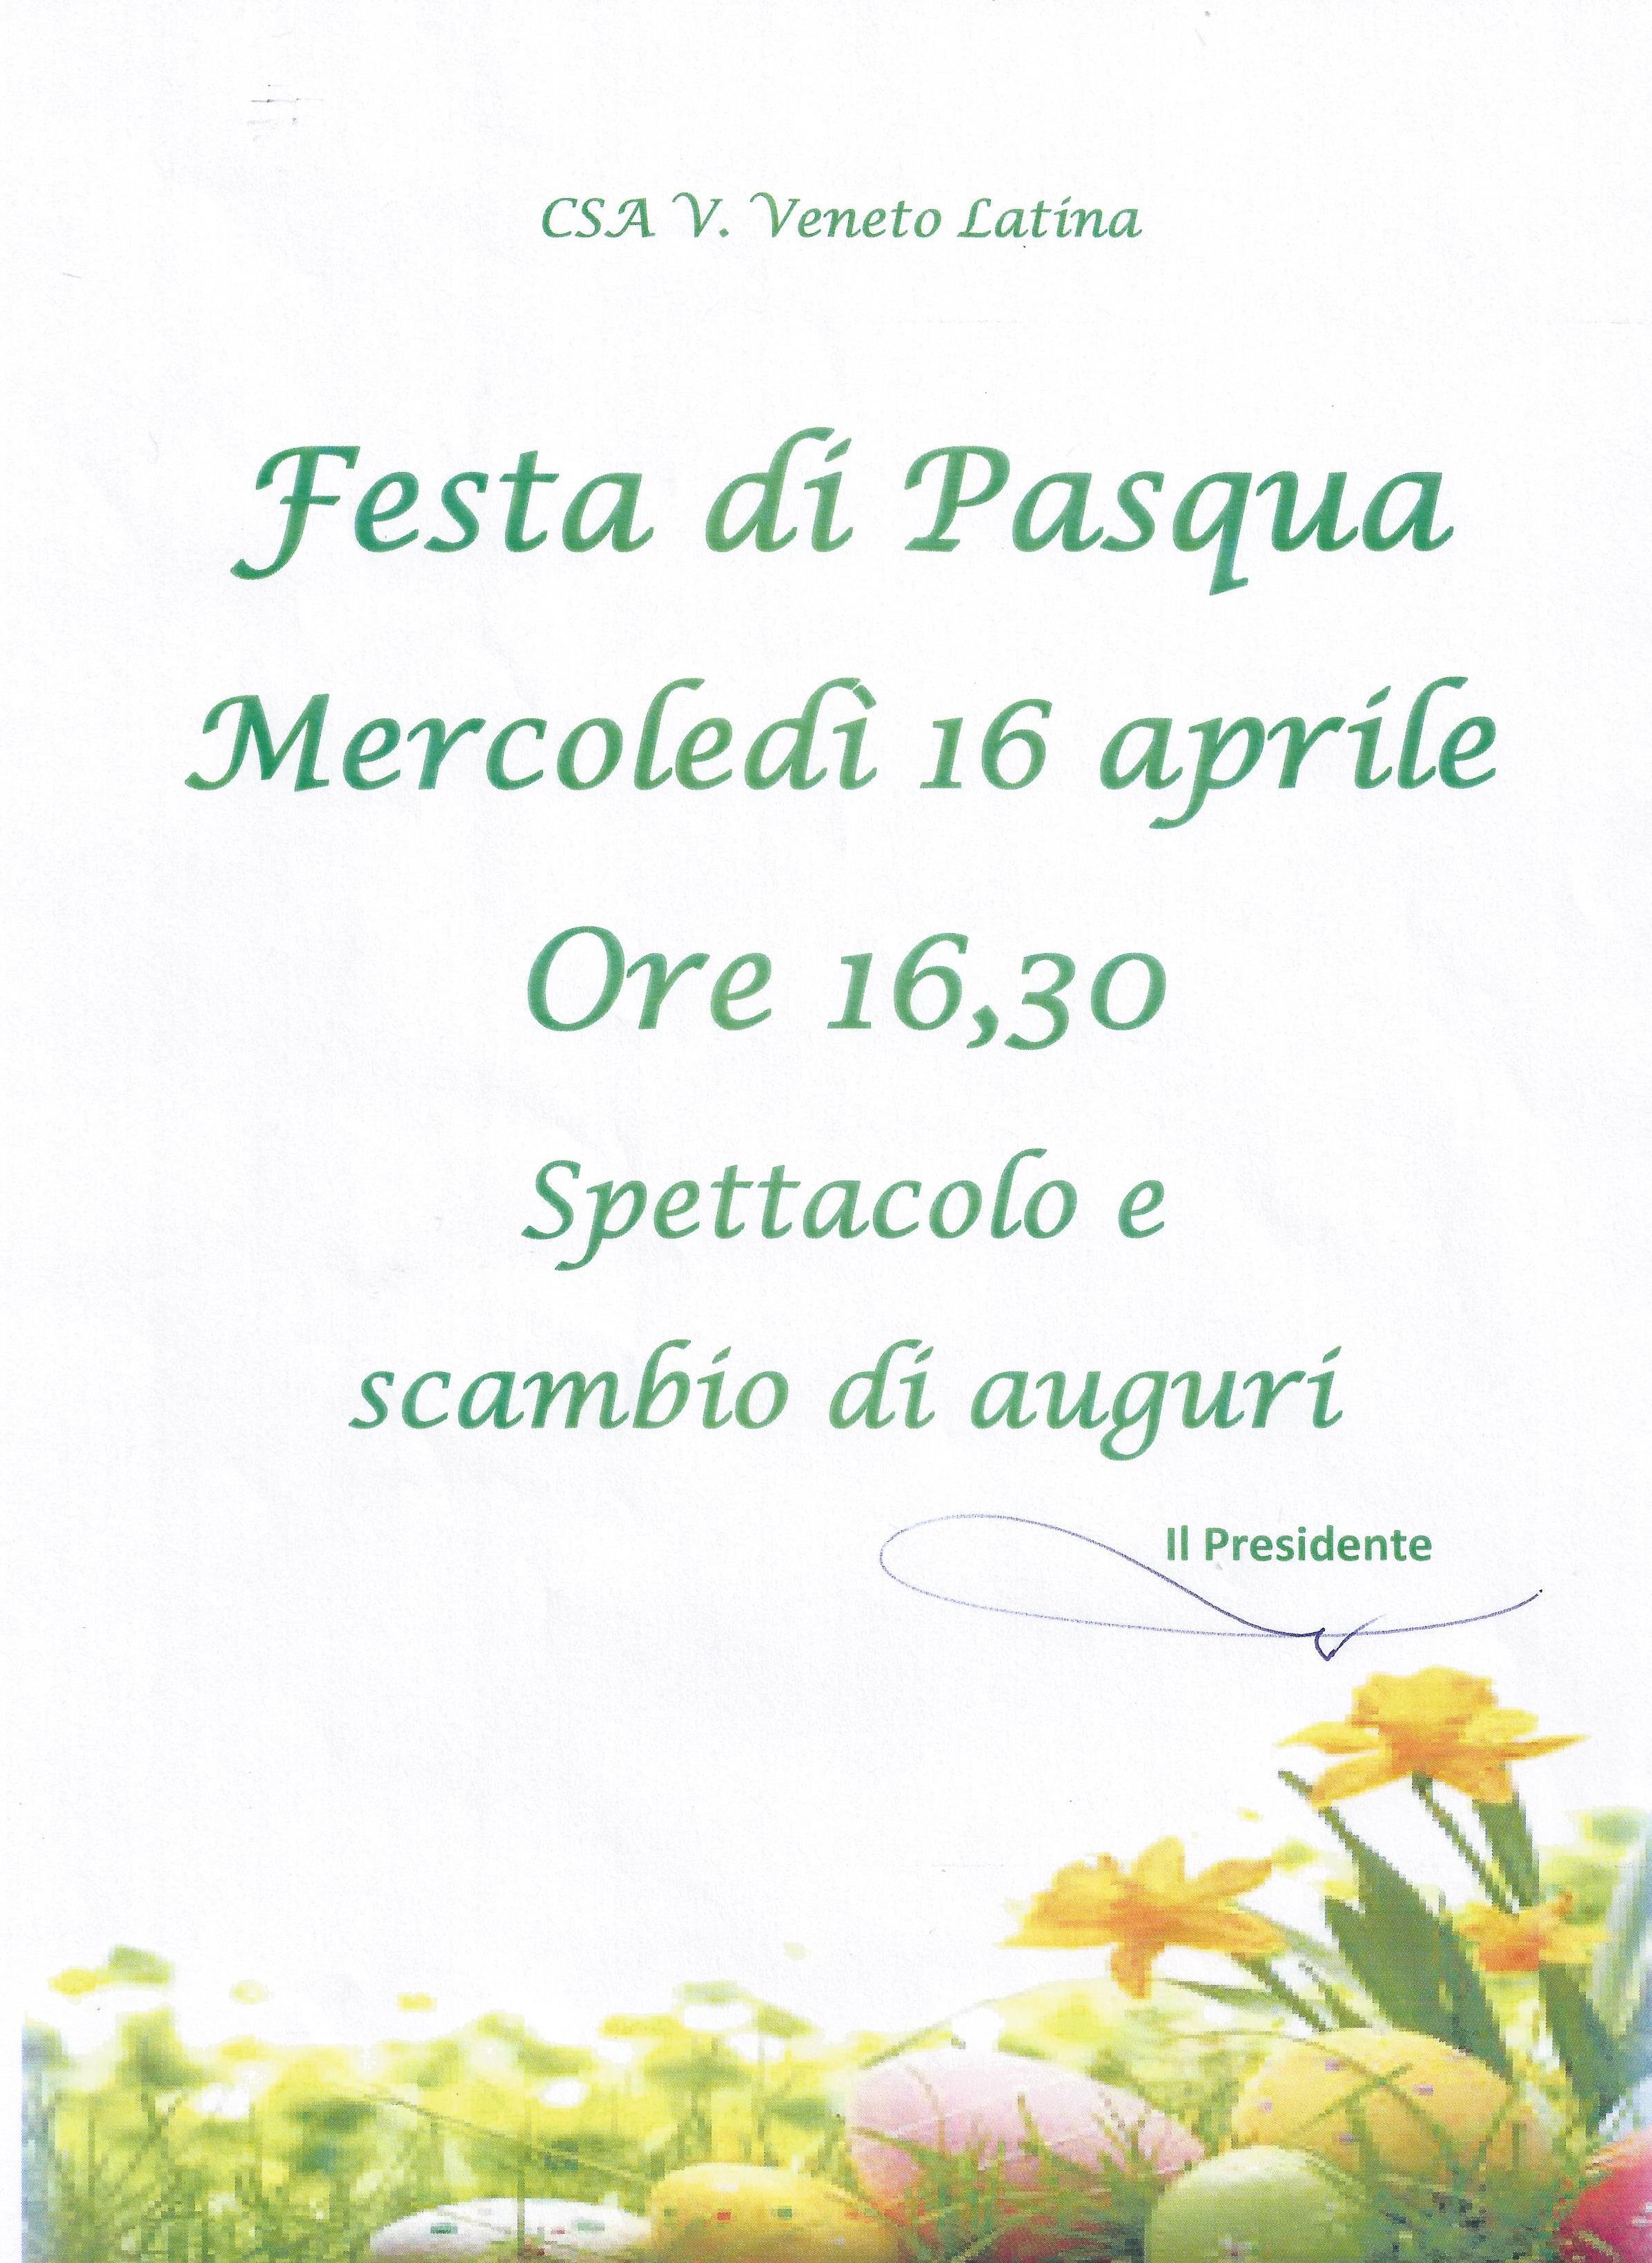 Festa di Pasqua 2